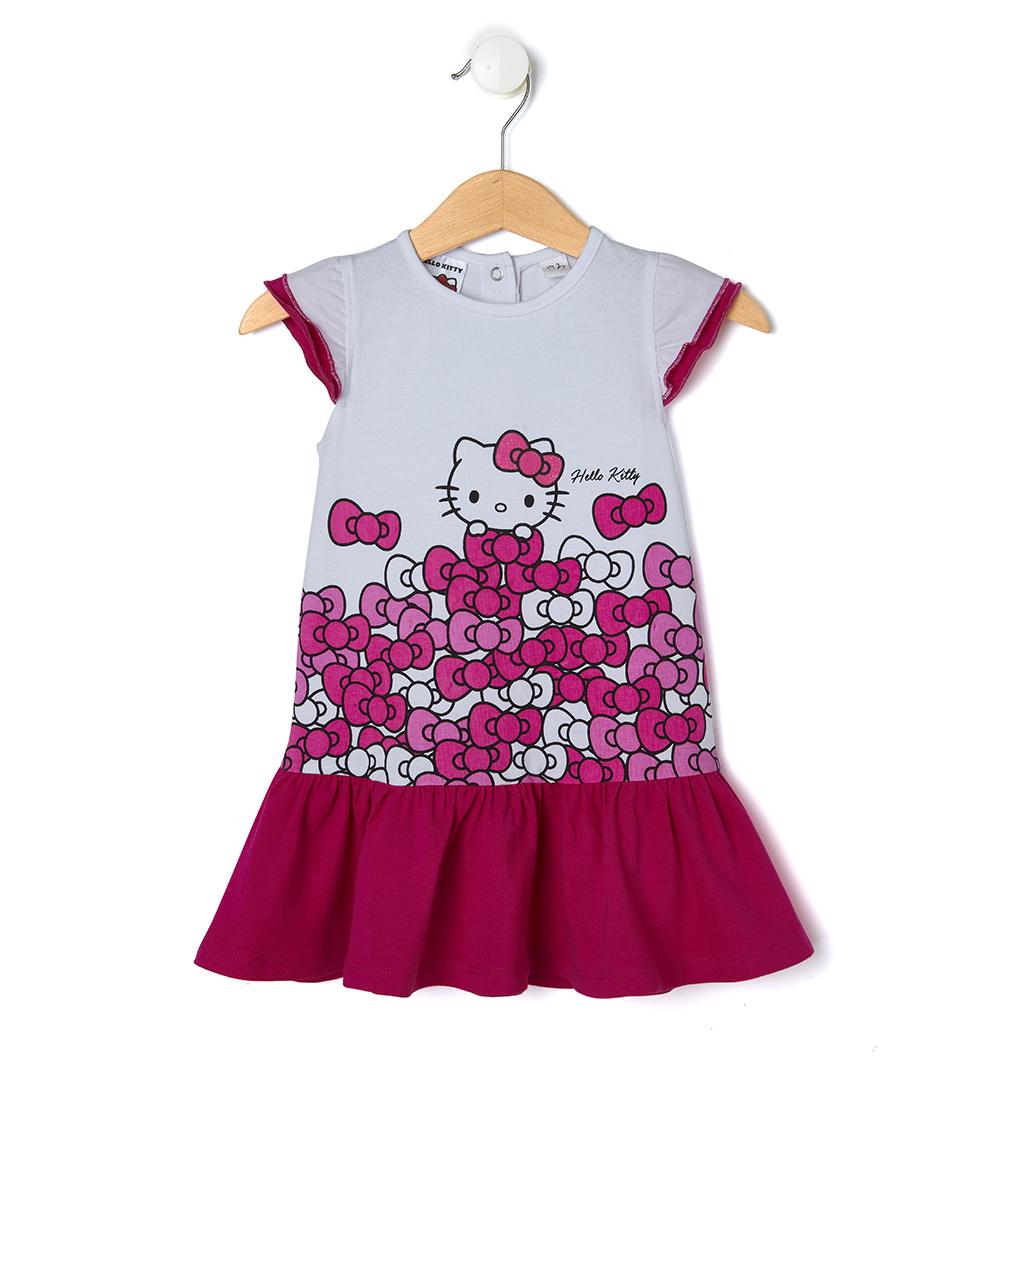 1951376b9ff3 Abito in jersey con stampa Hello Kitty - NEONATO 0-36